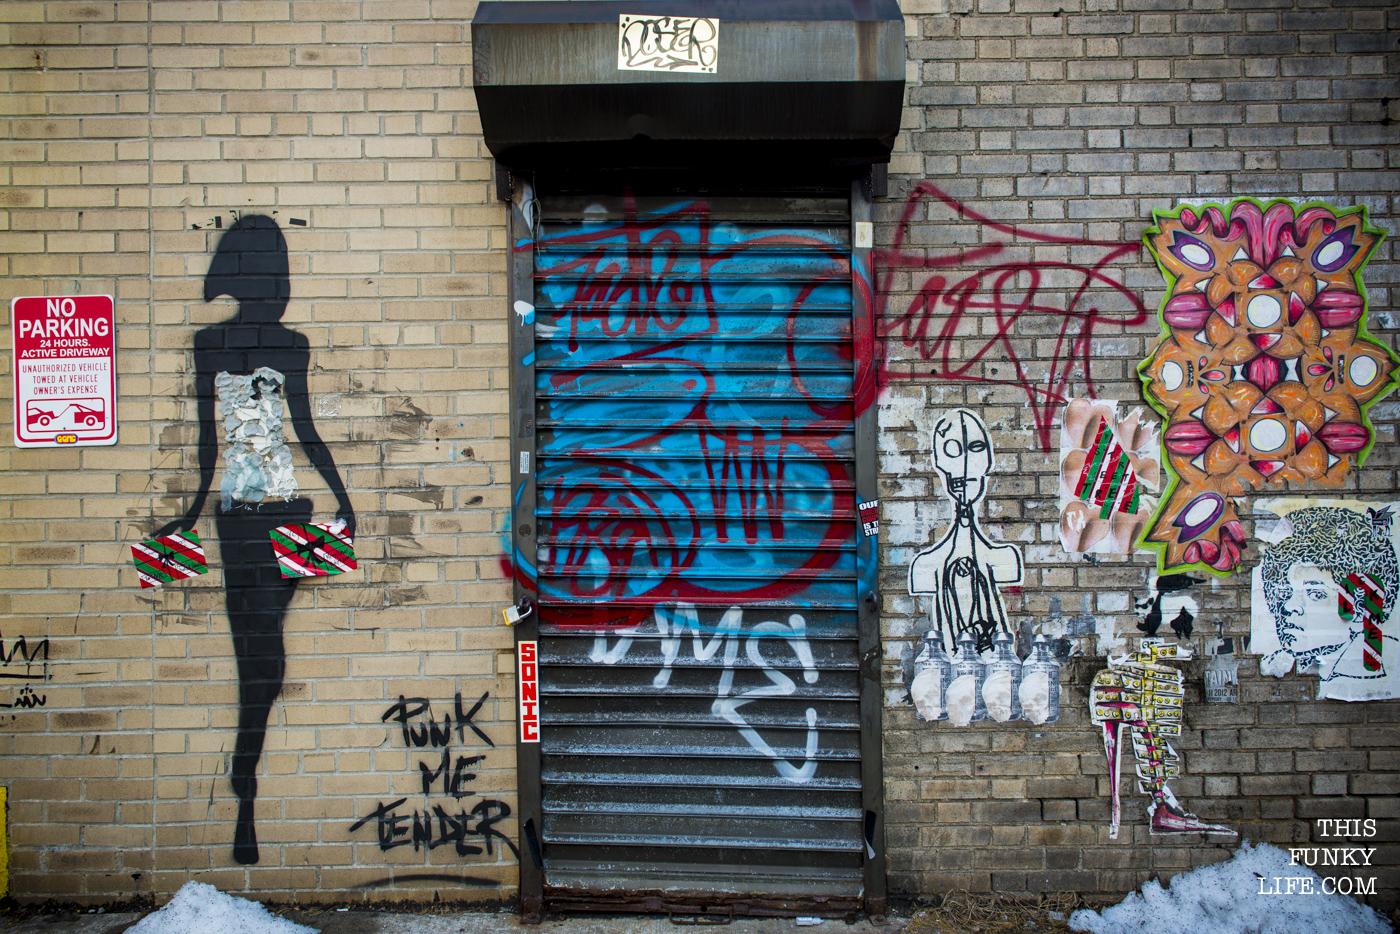 Street side graffiti